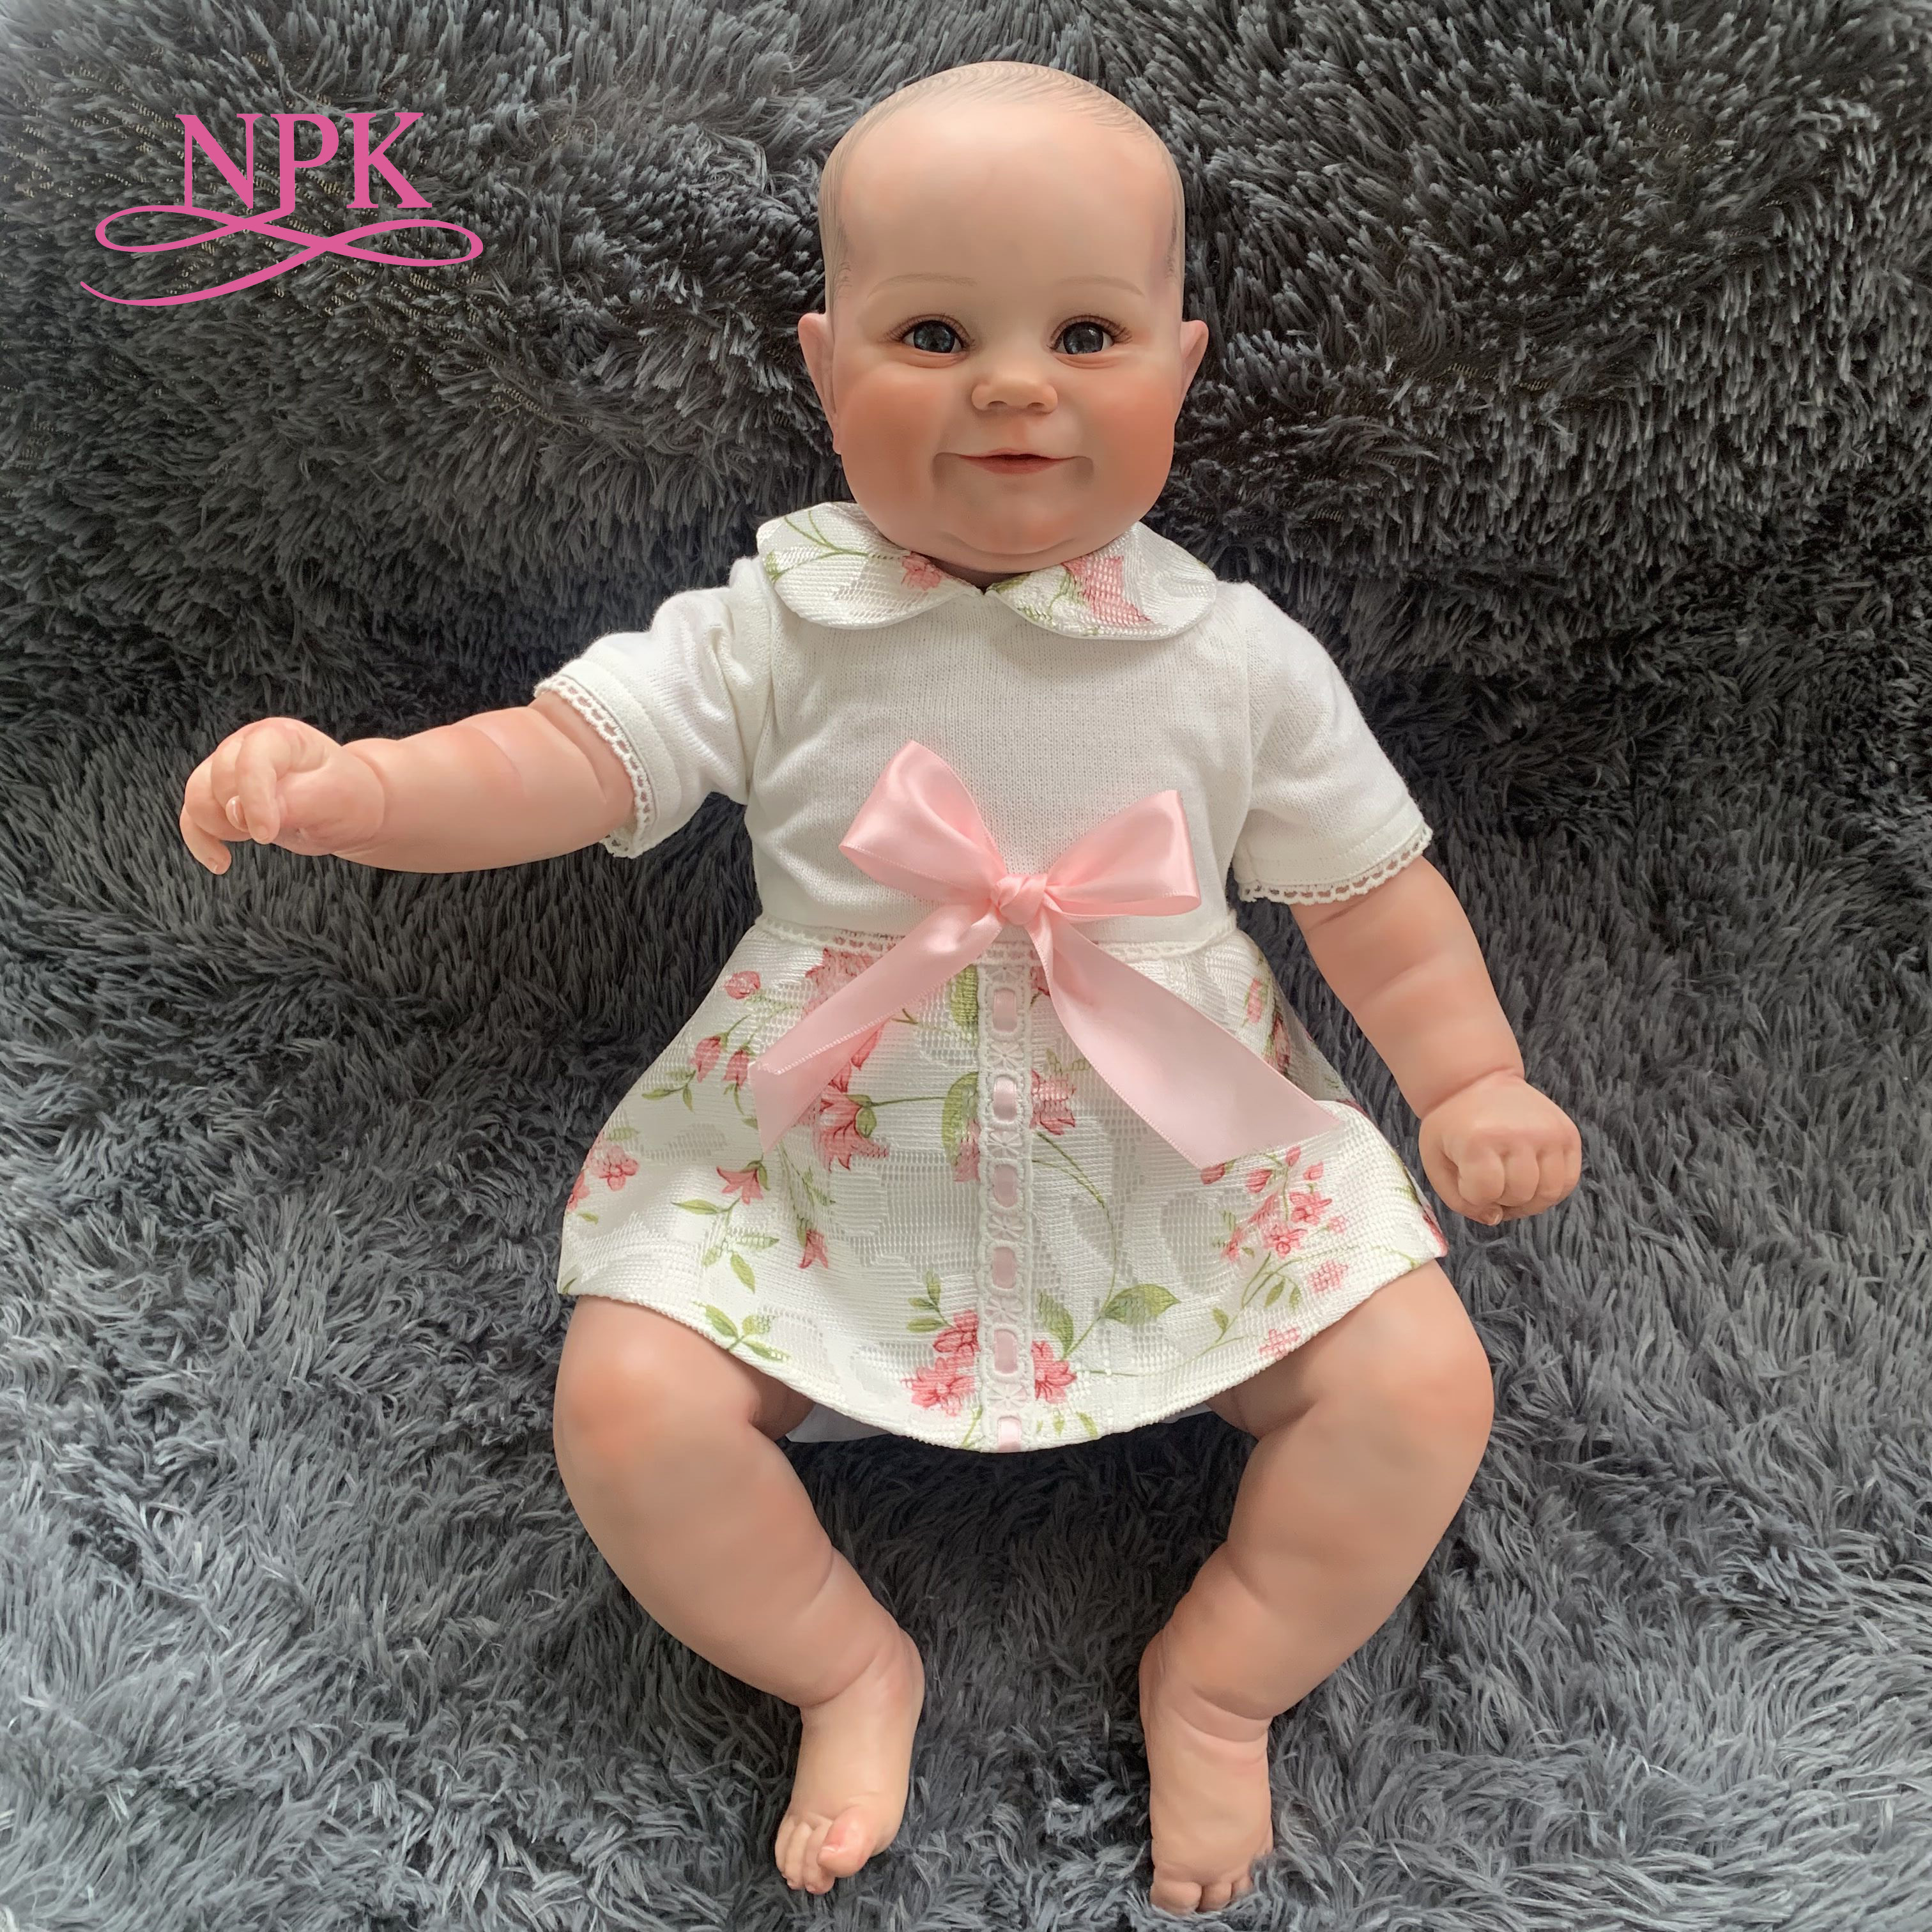 NPK 50CM reborn baby puppe beliebte Maddie fett nettes gesicht hand-zeichnung haar hand malerei echt soft-touch kuschelig baby sammeln